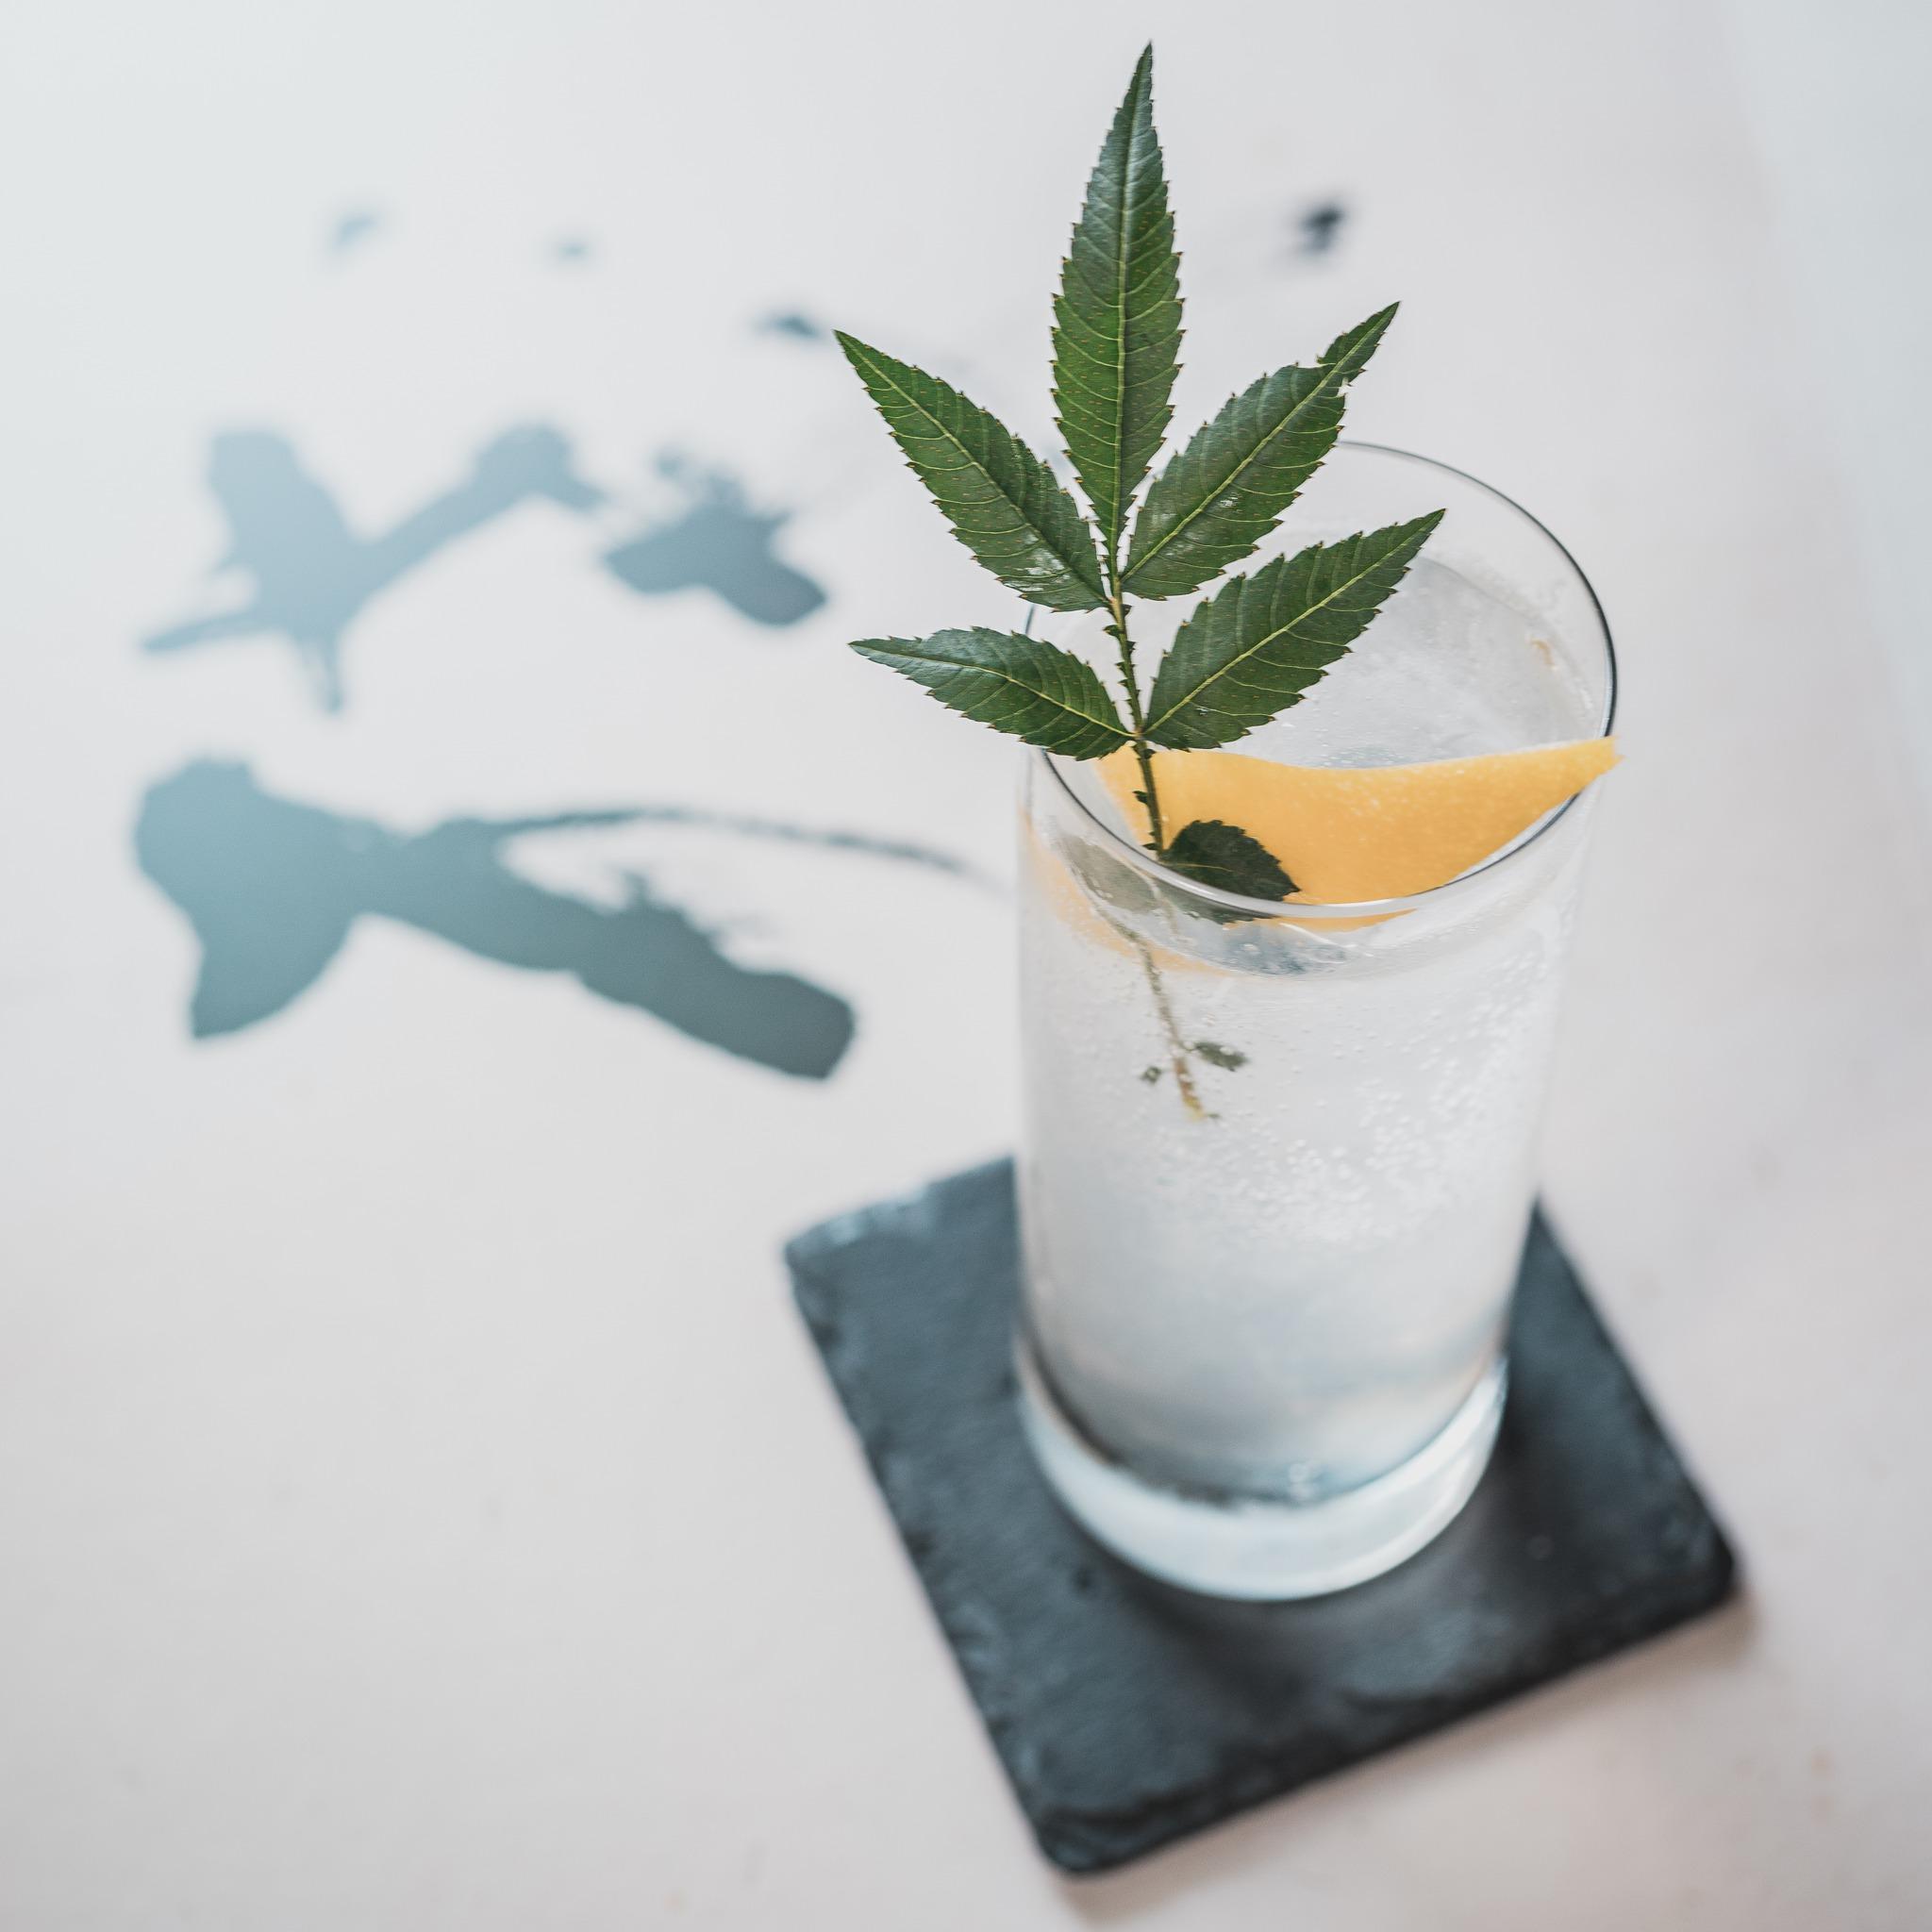 2021情人節 情人節工作坊 workshop 體驗活動 情侶活動 手工 品酒